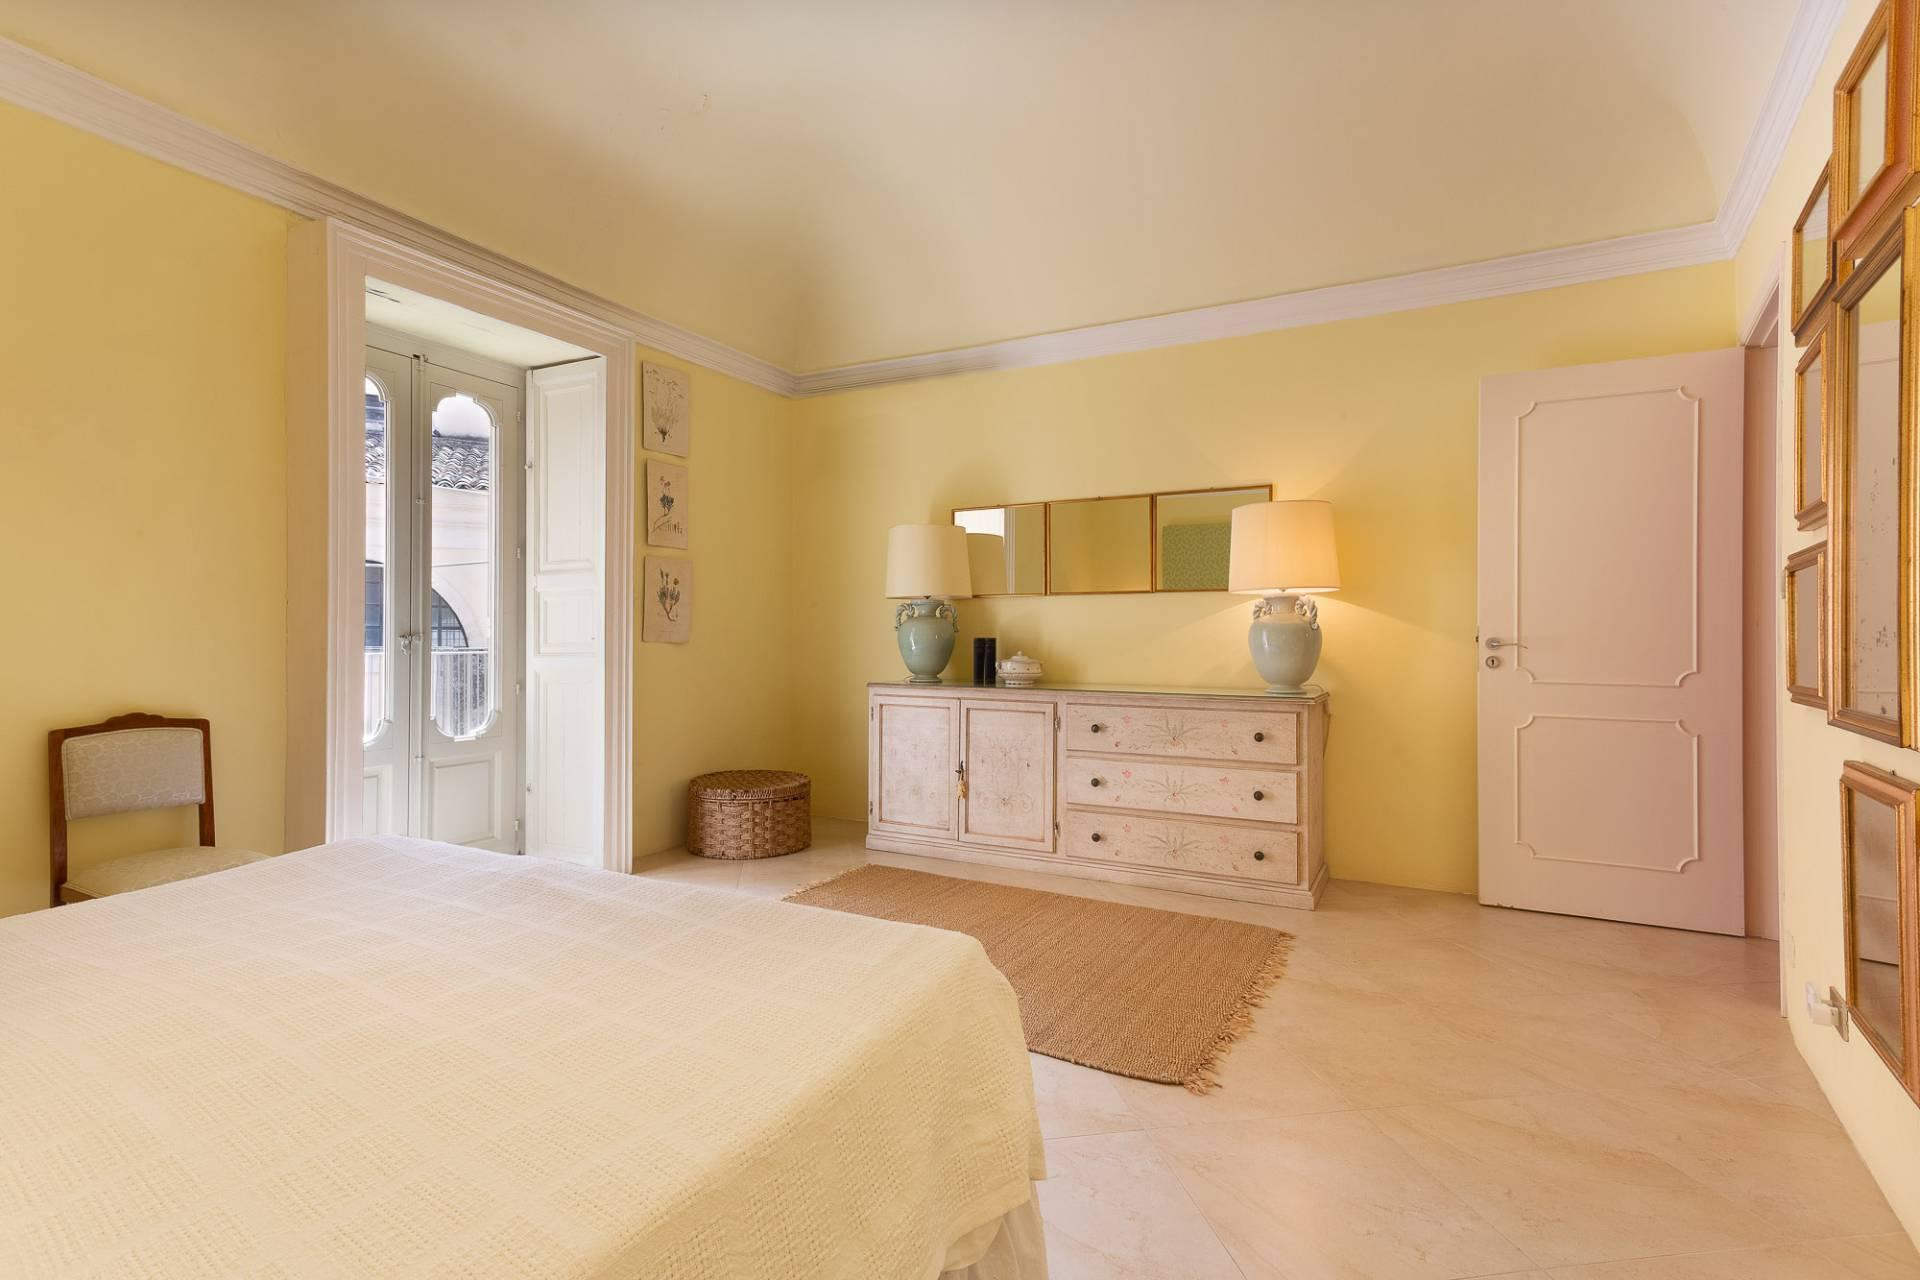 Esclusivo appartamento con terrazzo Immerso nel barocco modicano - 19